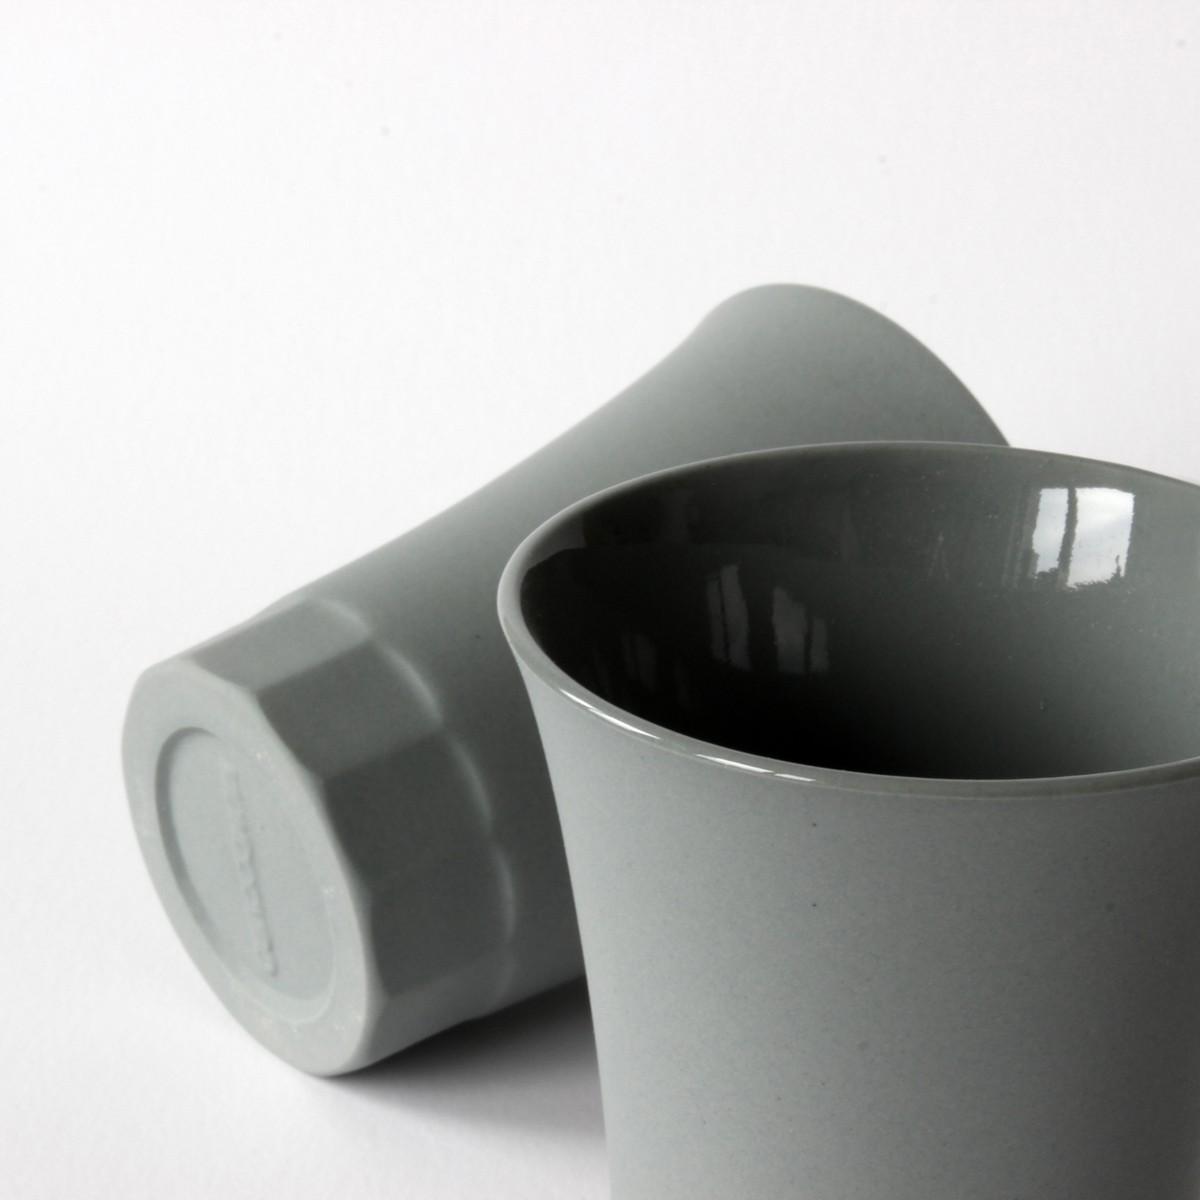 Grau Porzellan Becher für Wein und Wasser, Moderner Becher aus der POSITANO Kollektion by ORTOGONALE